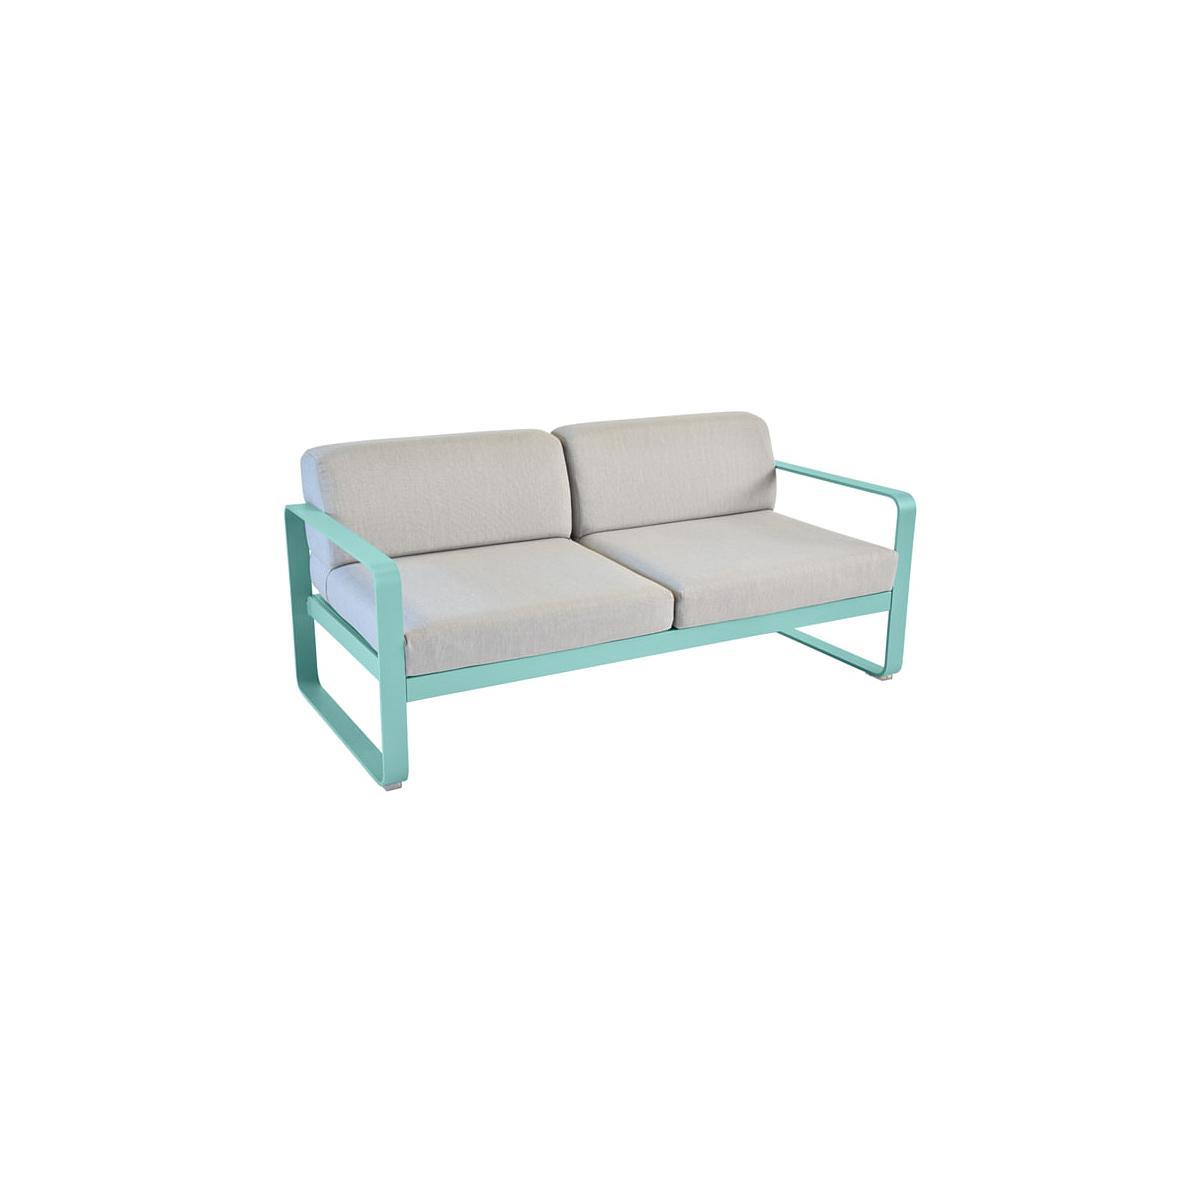 Canapé de jardin BELLEVIE Fermob BLEU LAGUNE coussins gris flanelle